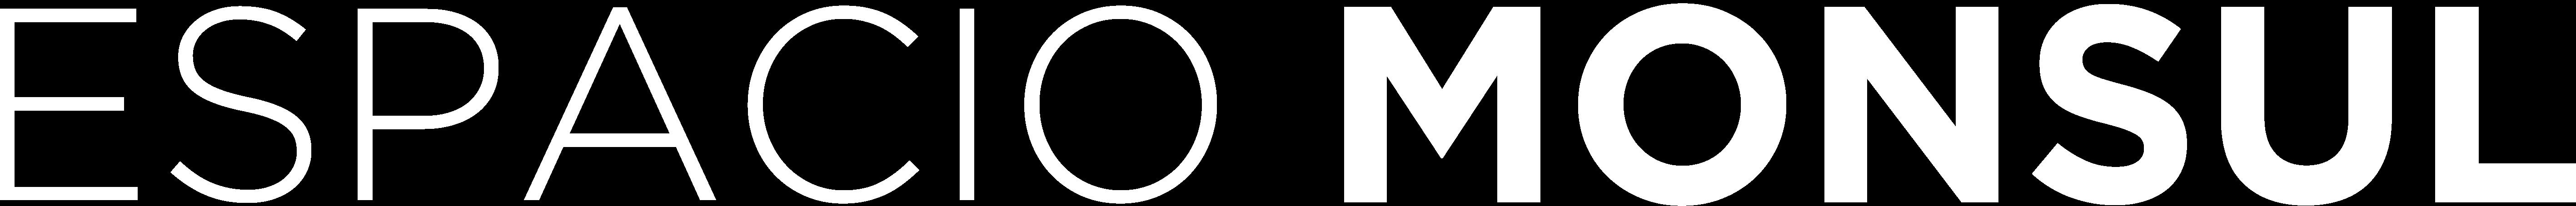 logo-espacio-monsul